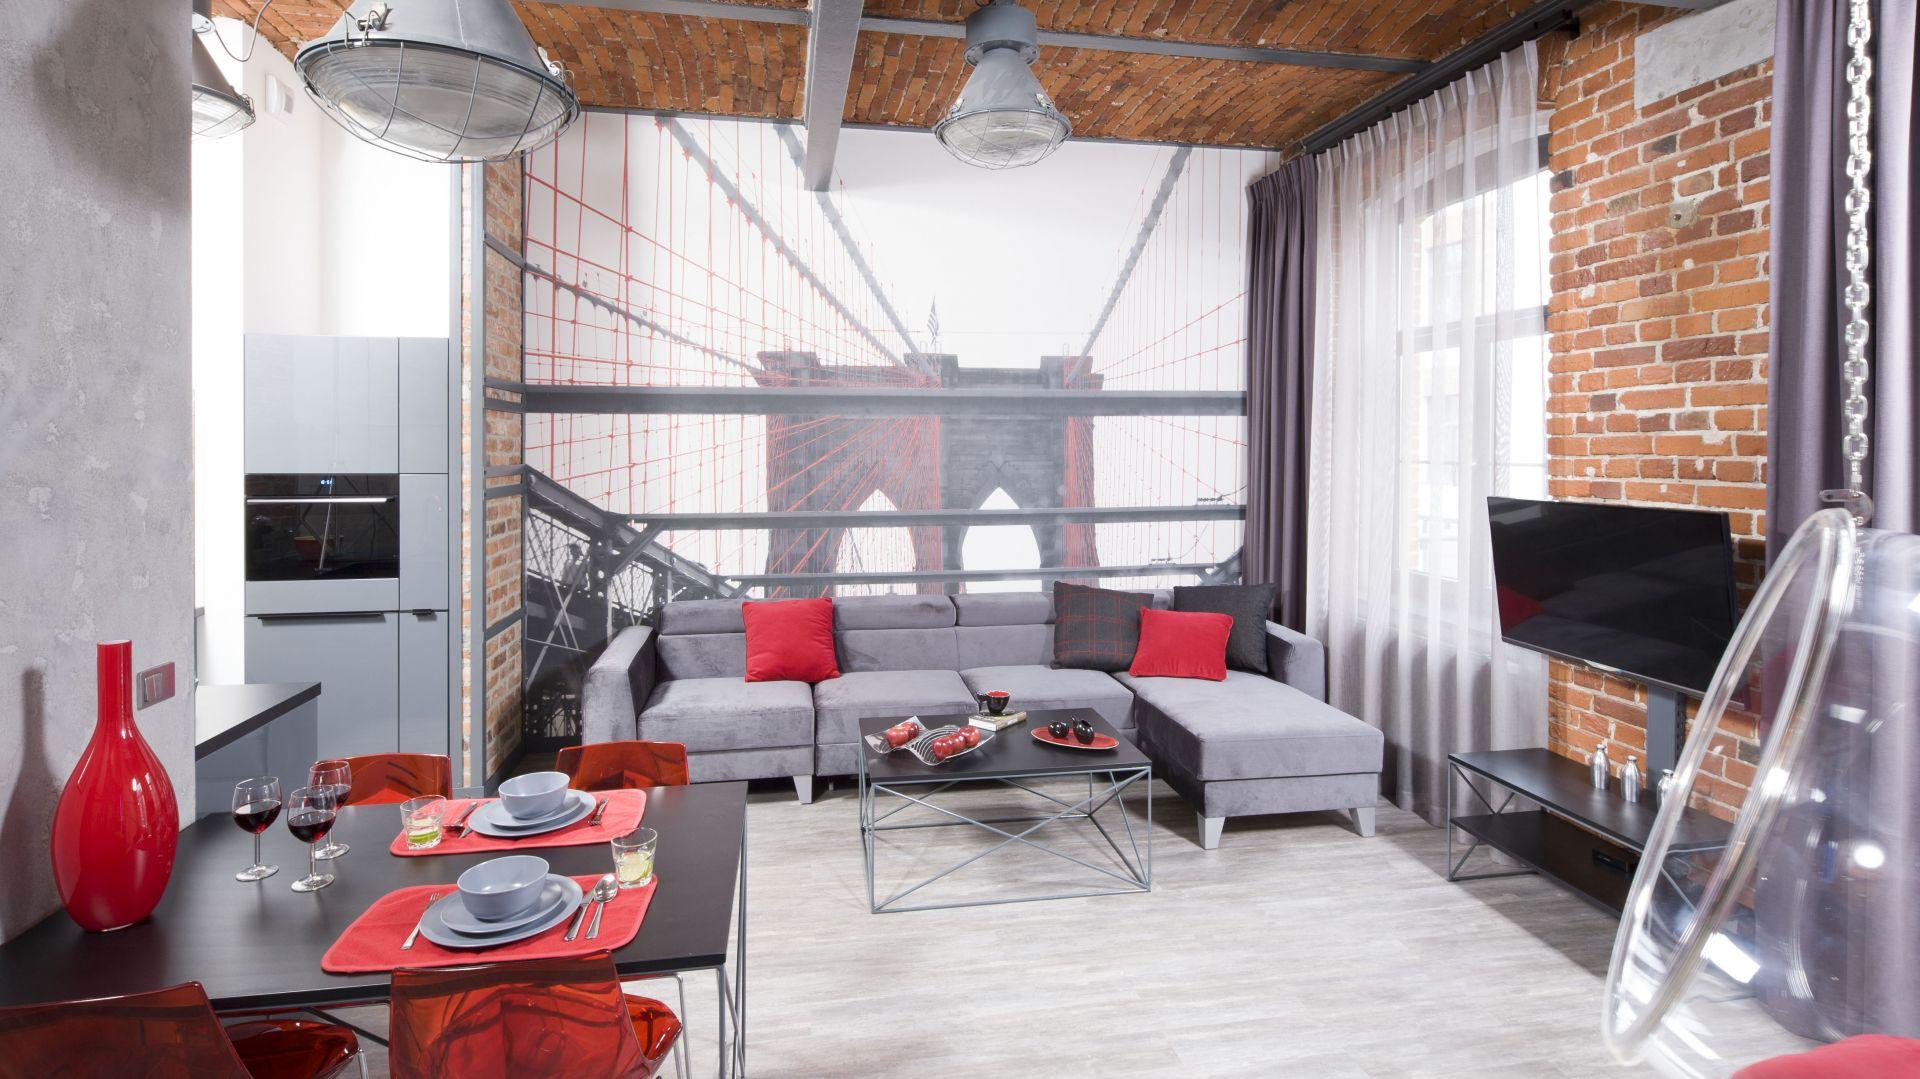 Mieszkanie W Stylu Loft 5 Pomysłów Na Aranżację